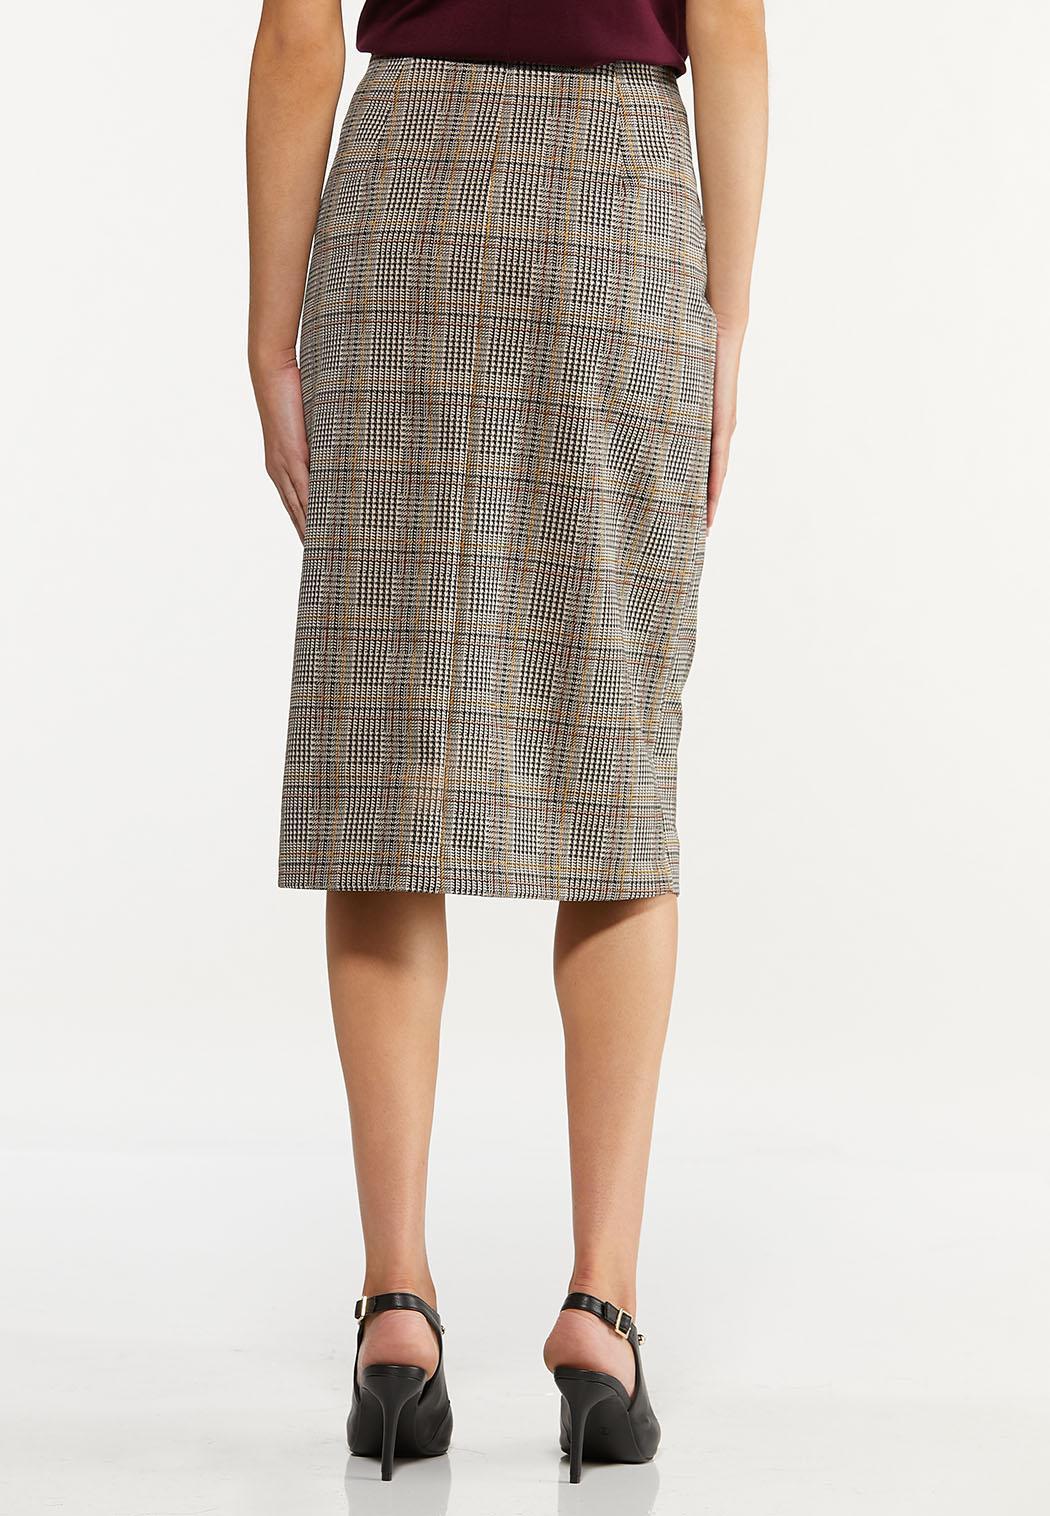 Plus Size Jacquard Pencil Skirt (Item #44645848)